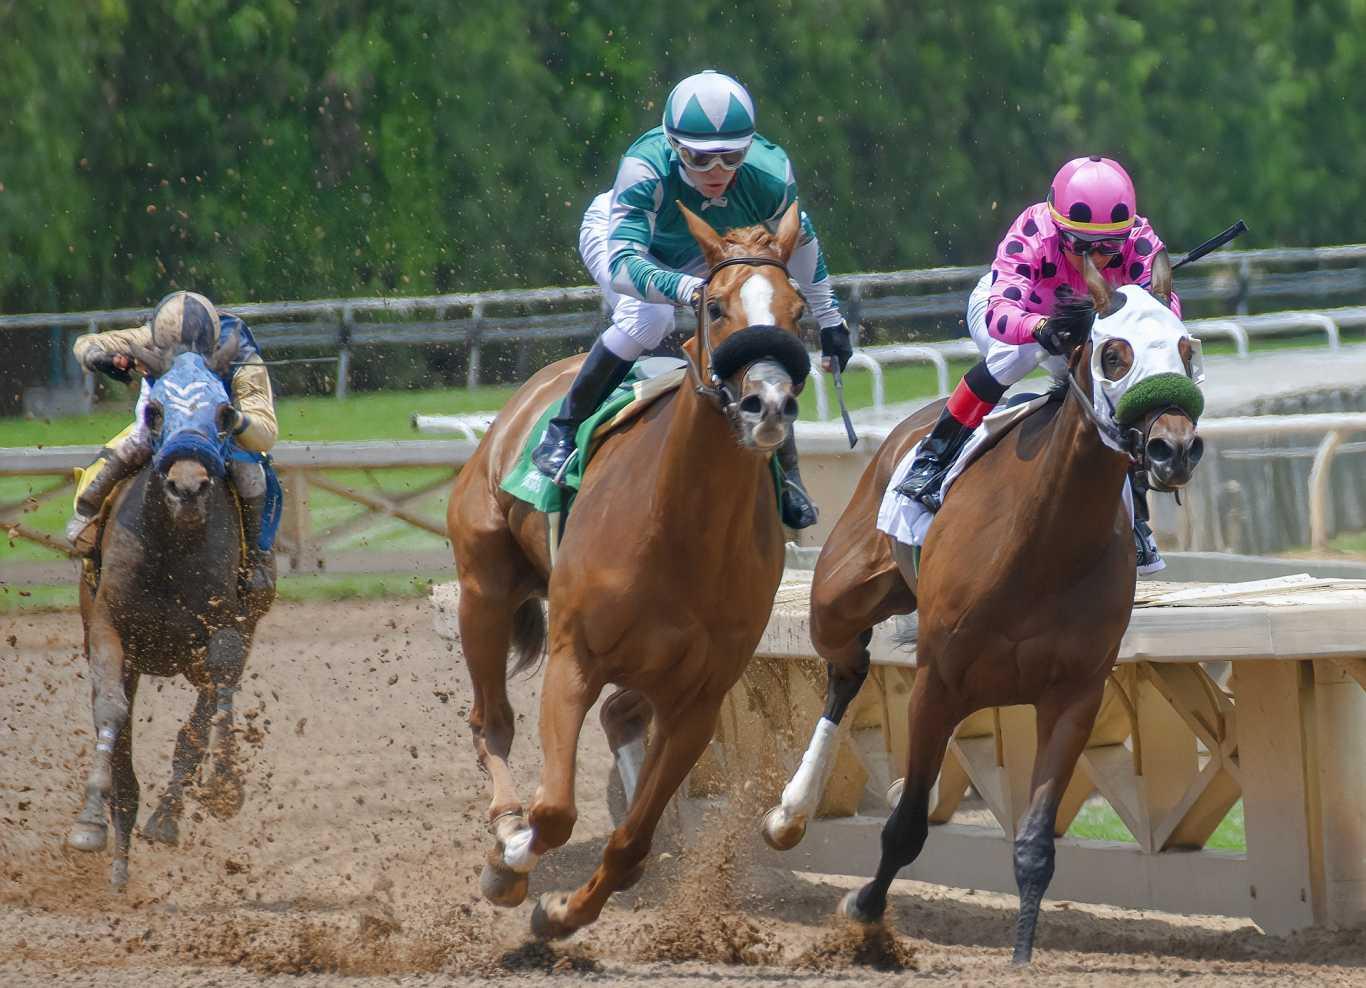 William Hill horse racing